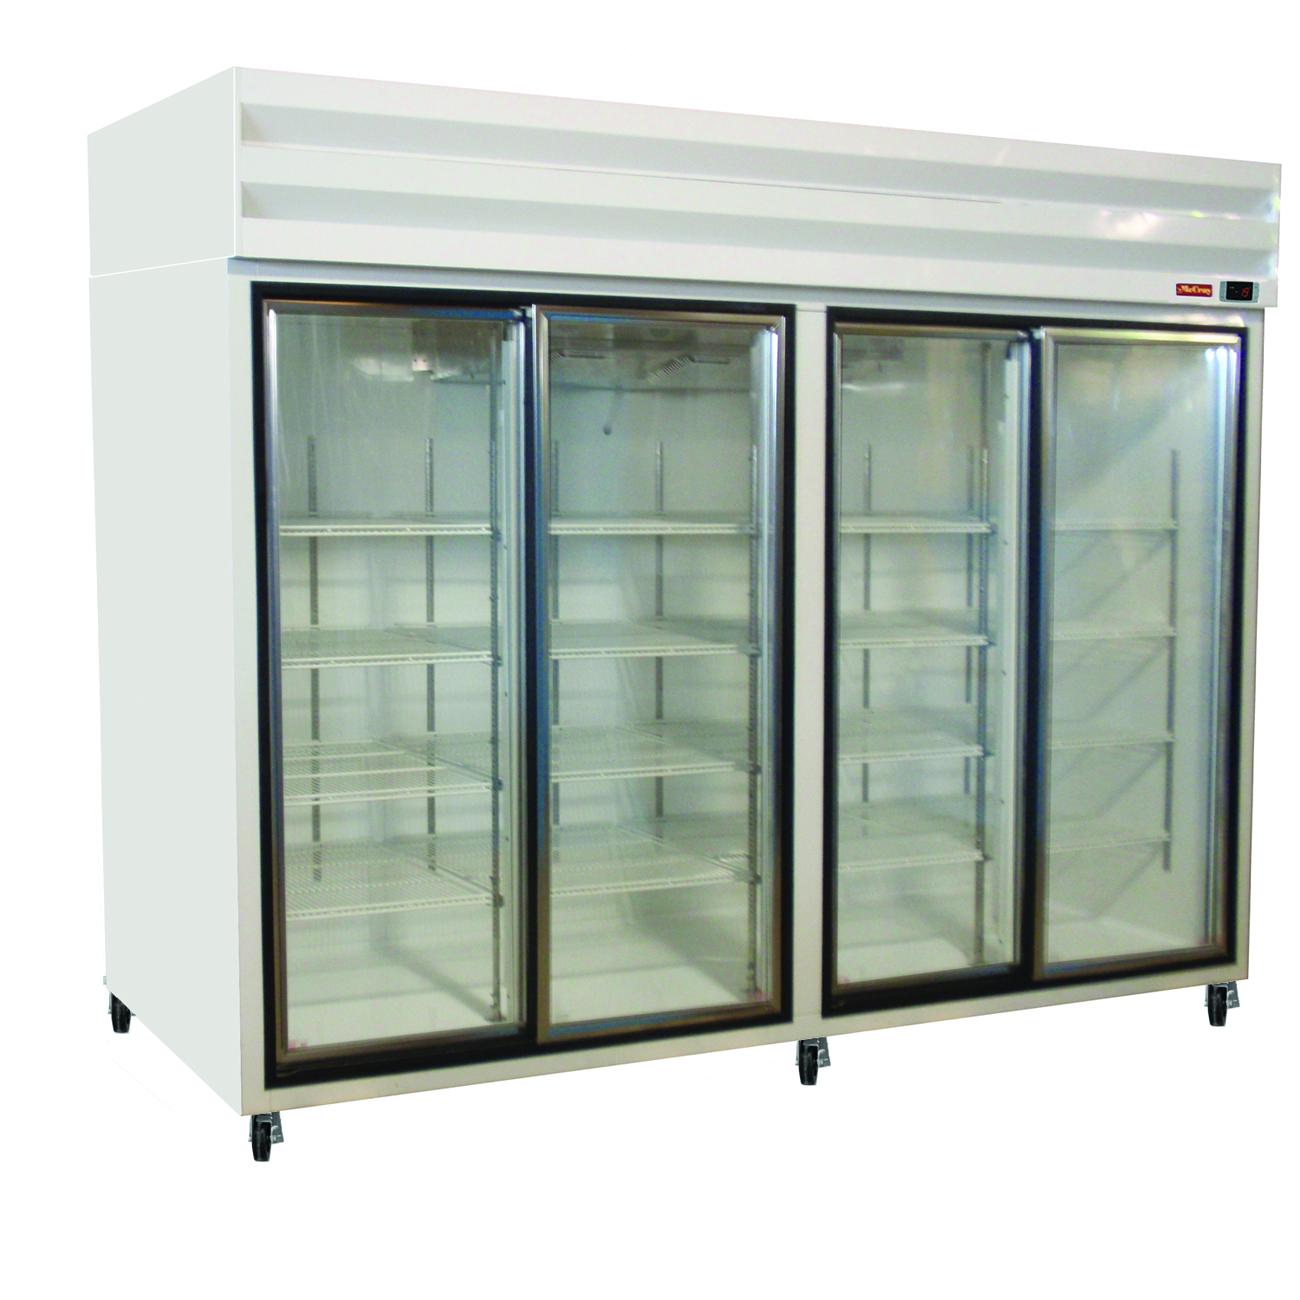 Howard-McCray GSR102 refrigerator, merchandiser